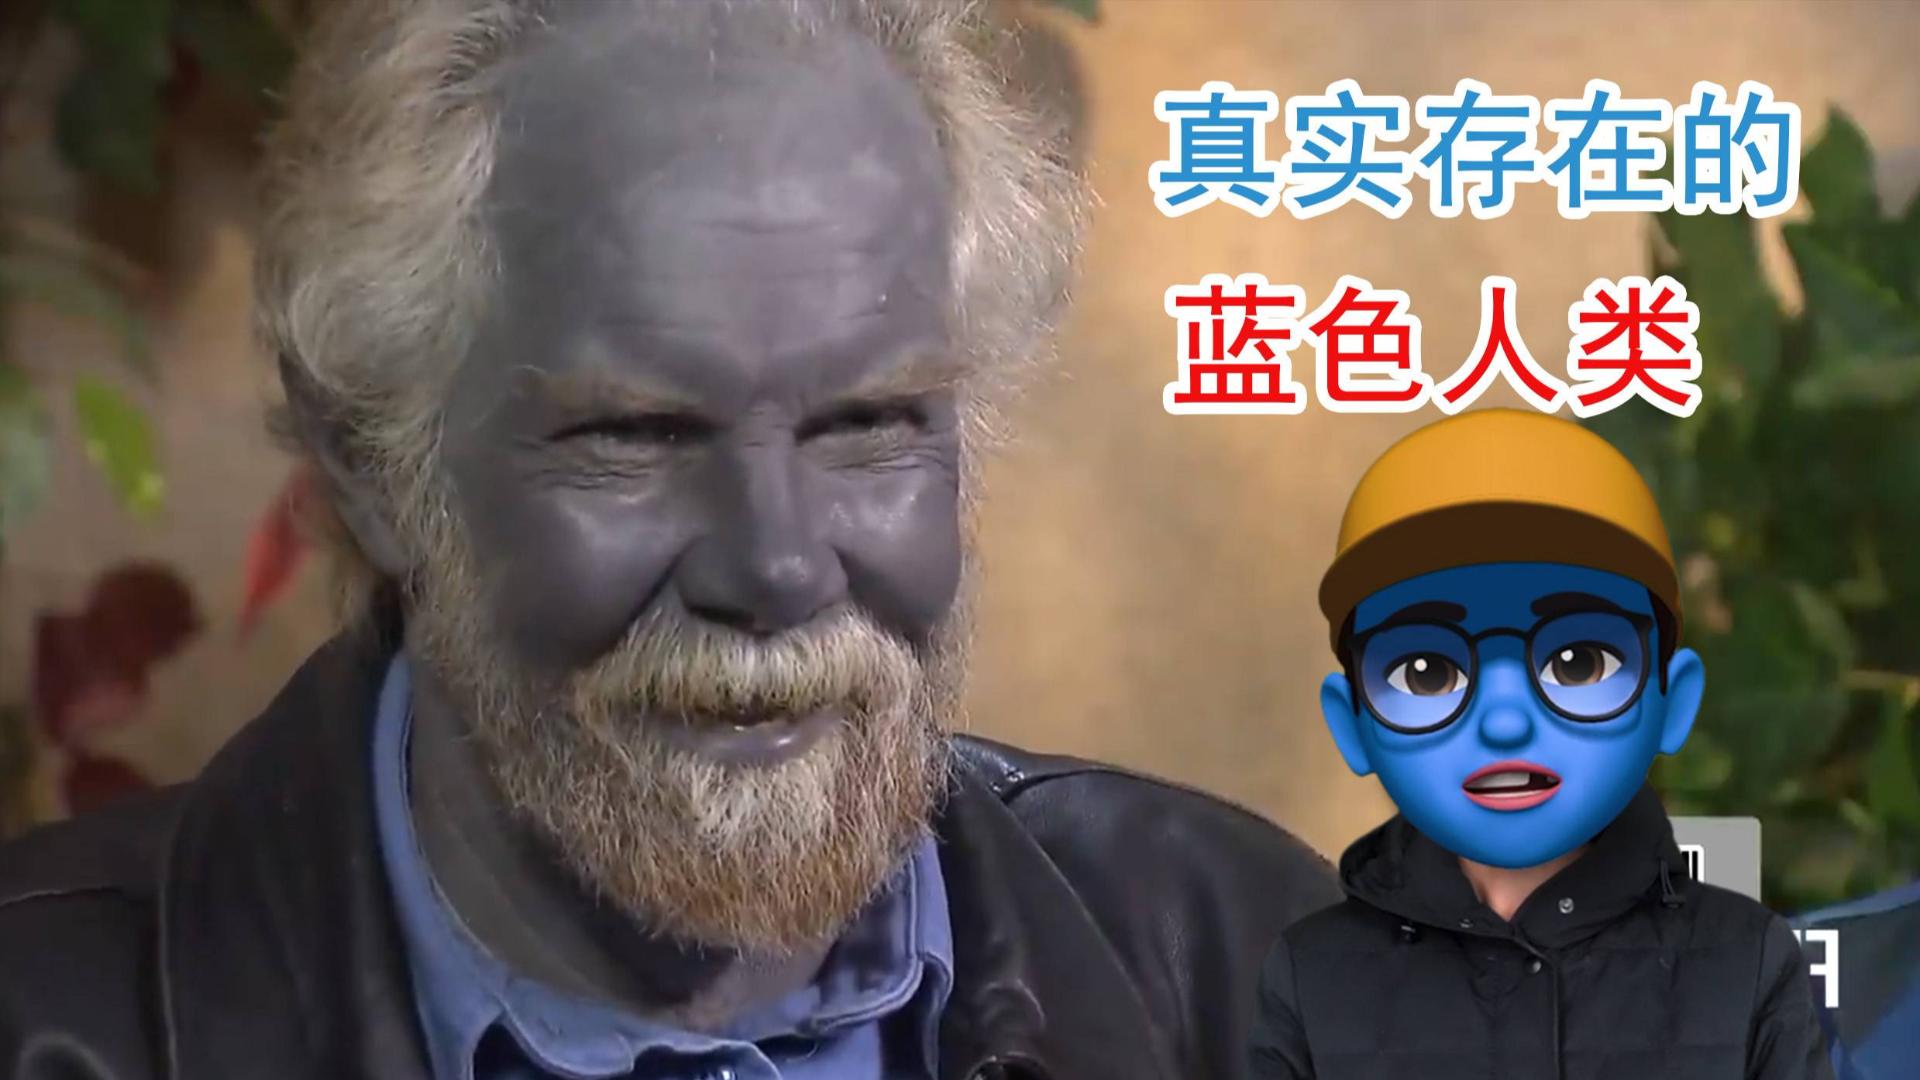 真实存在的蓝色人,蓝朋友